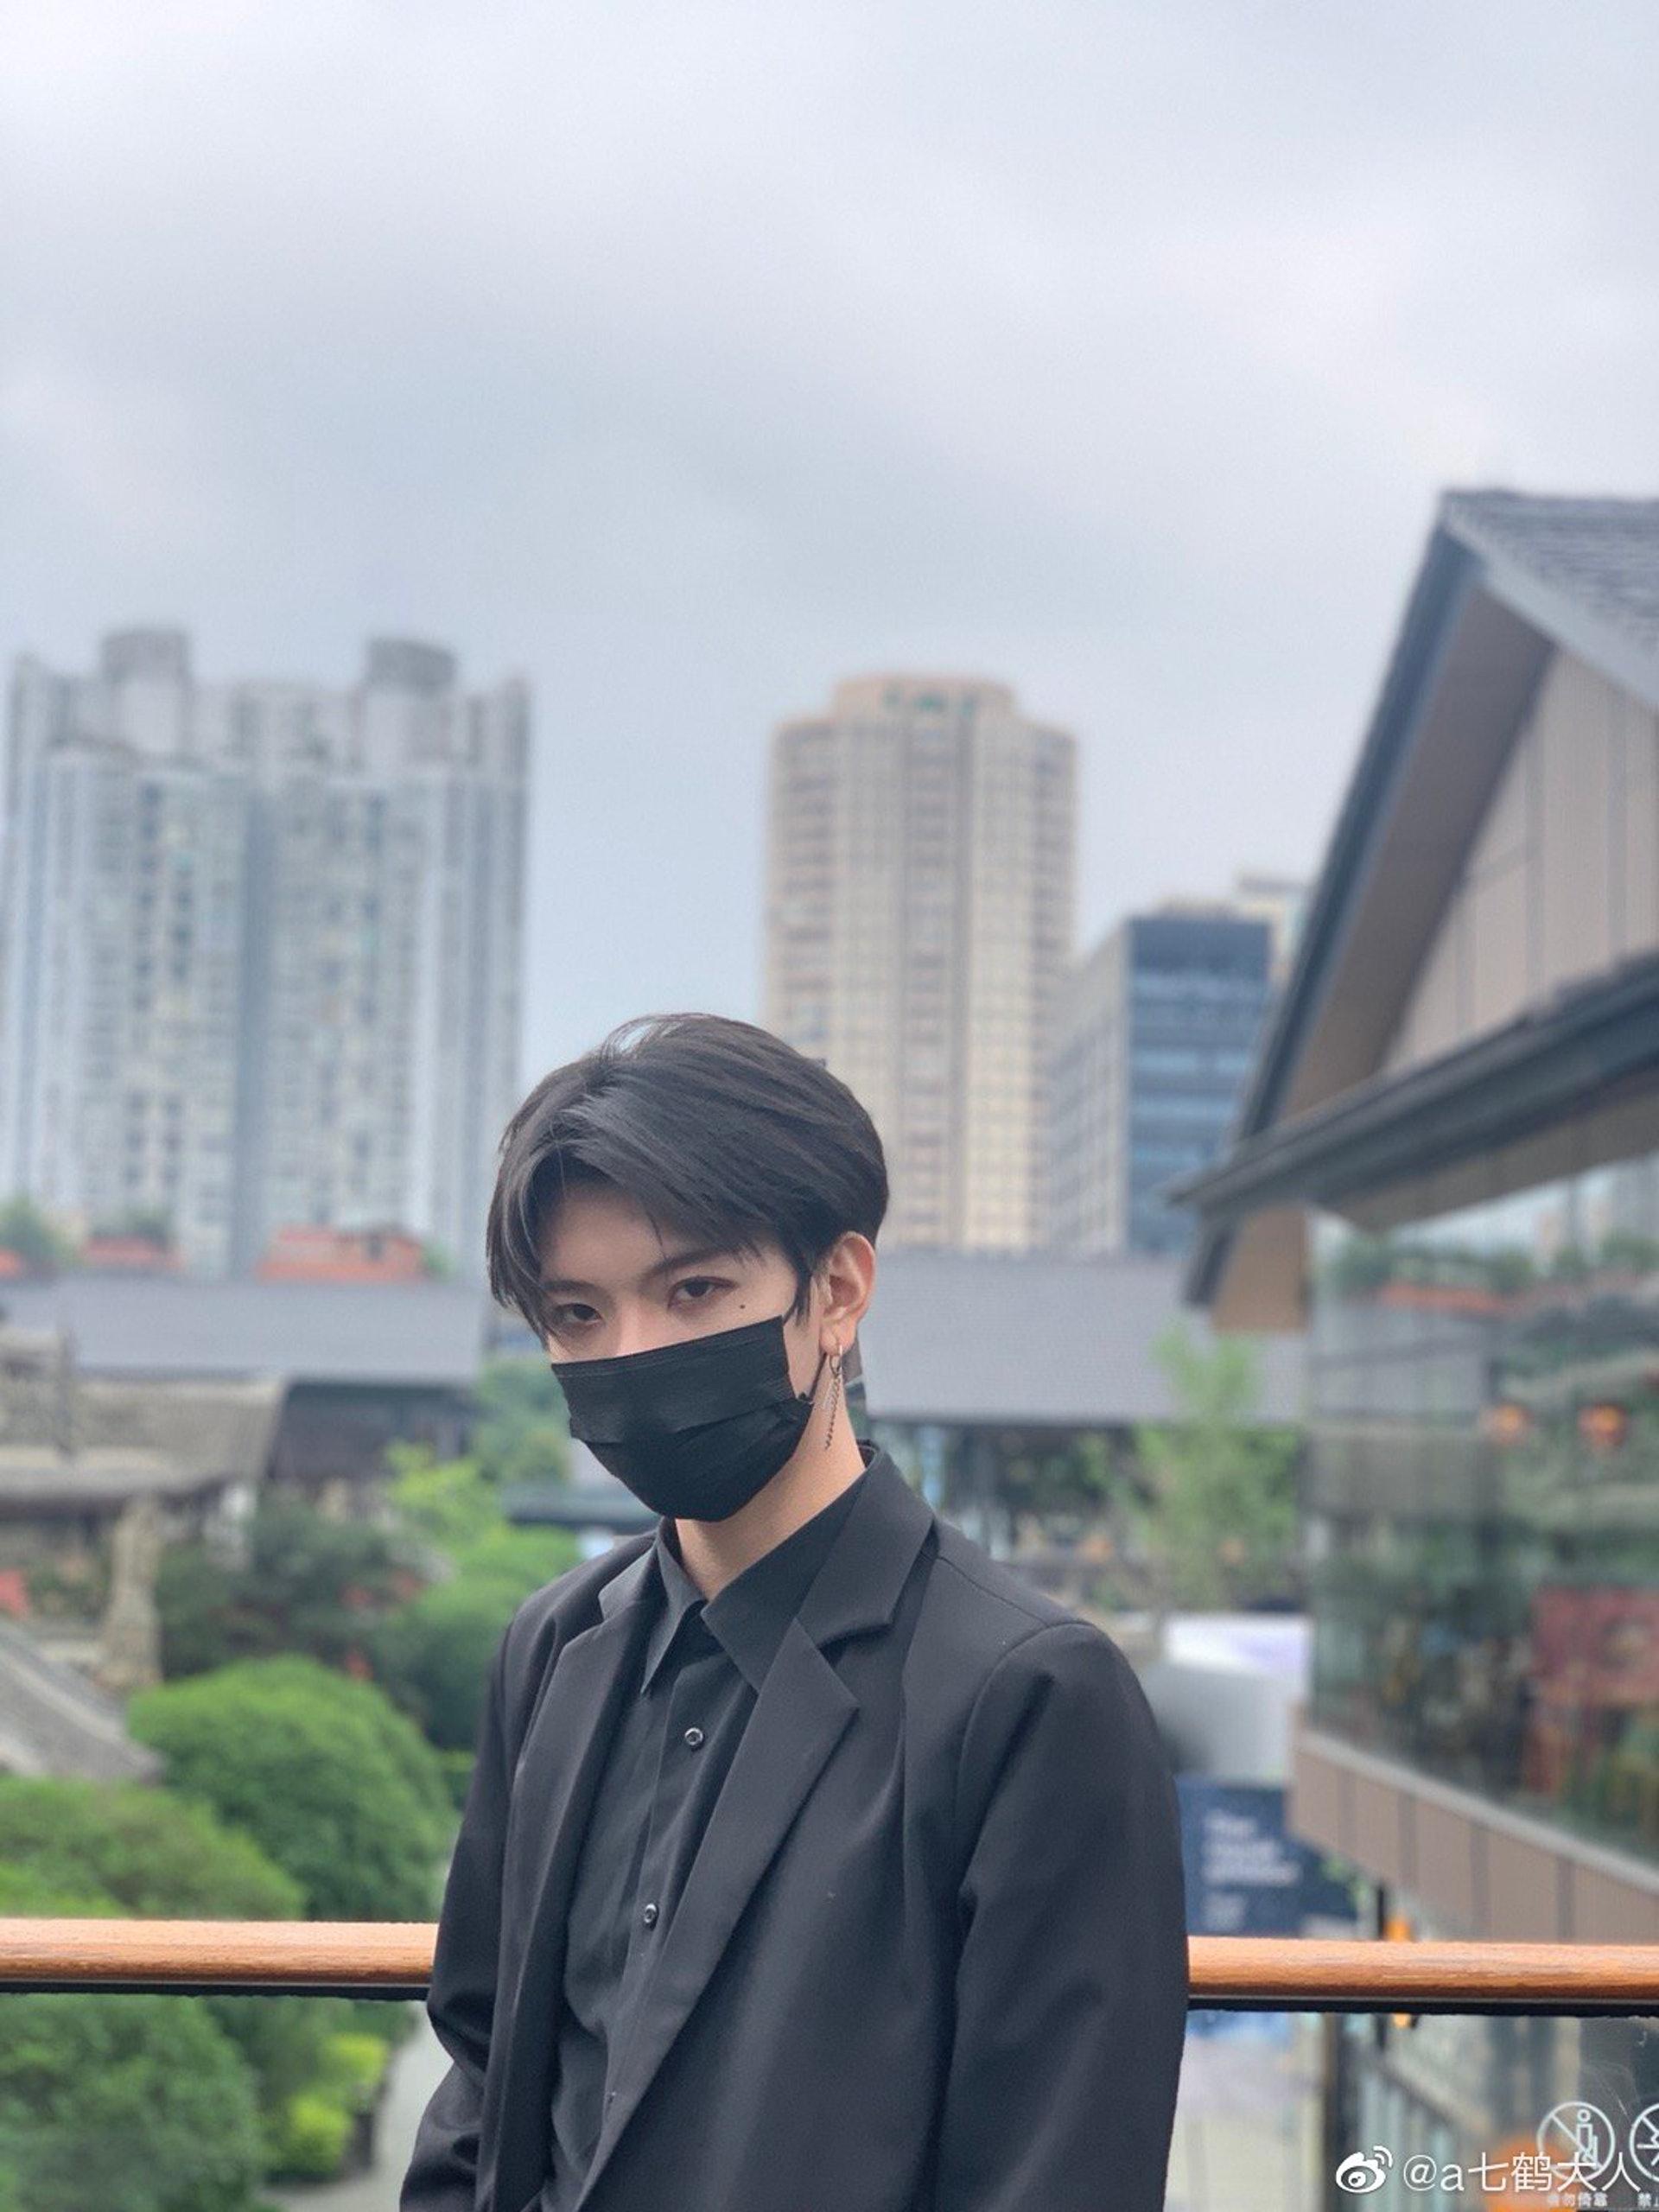 他經常戴黑色口罩示人。(微博圖片:@a七鶴大人)